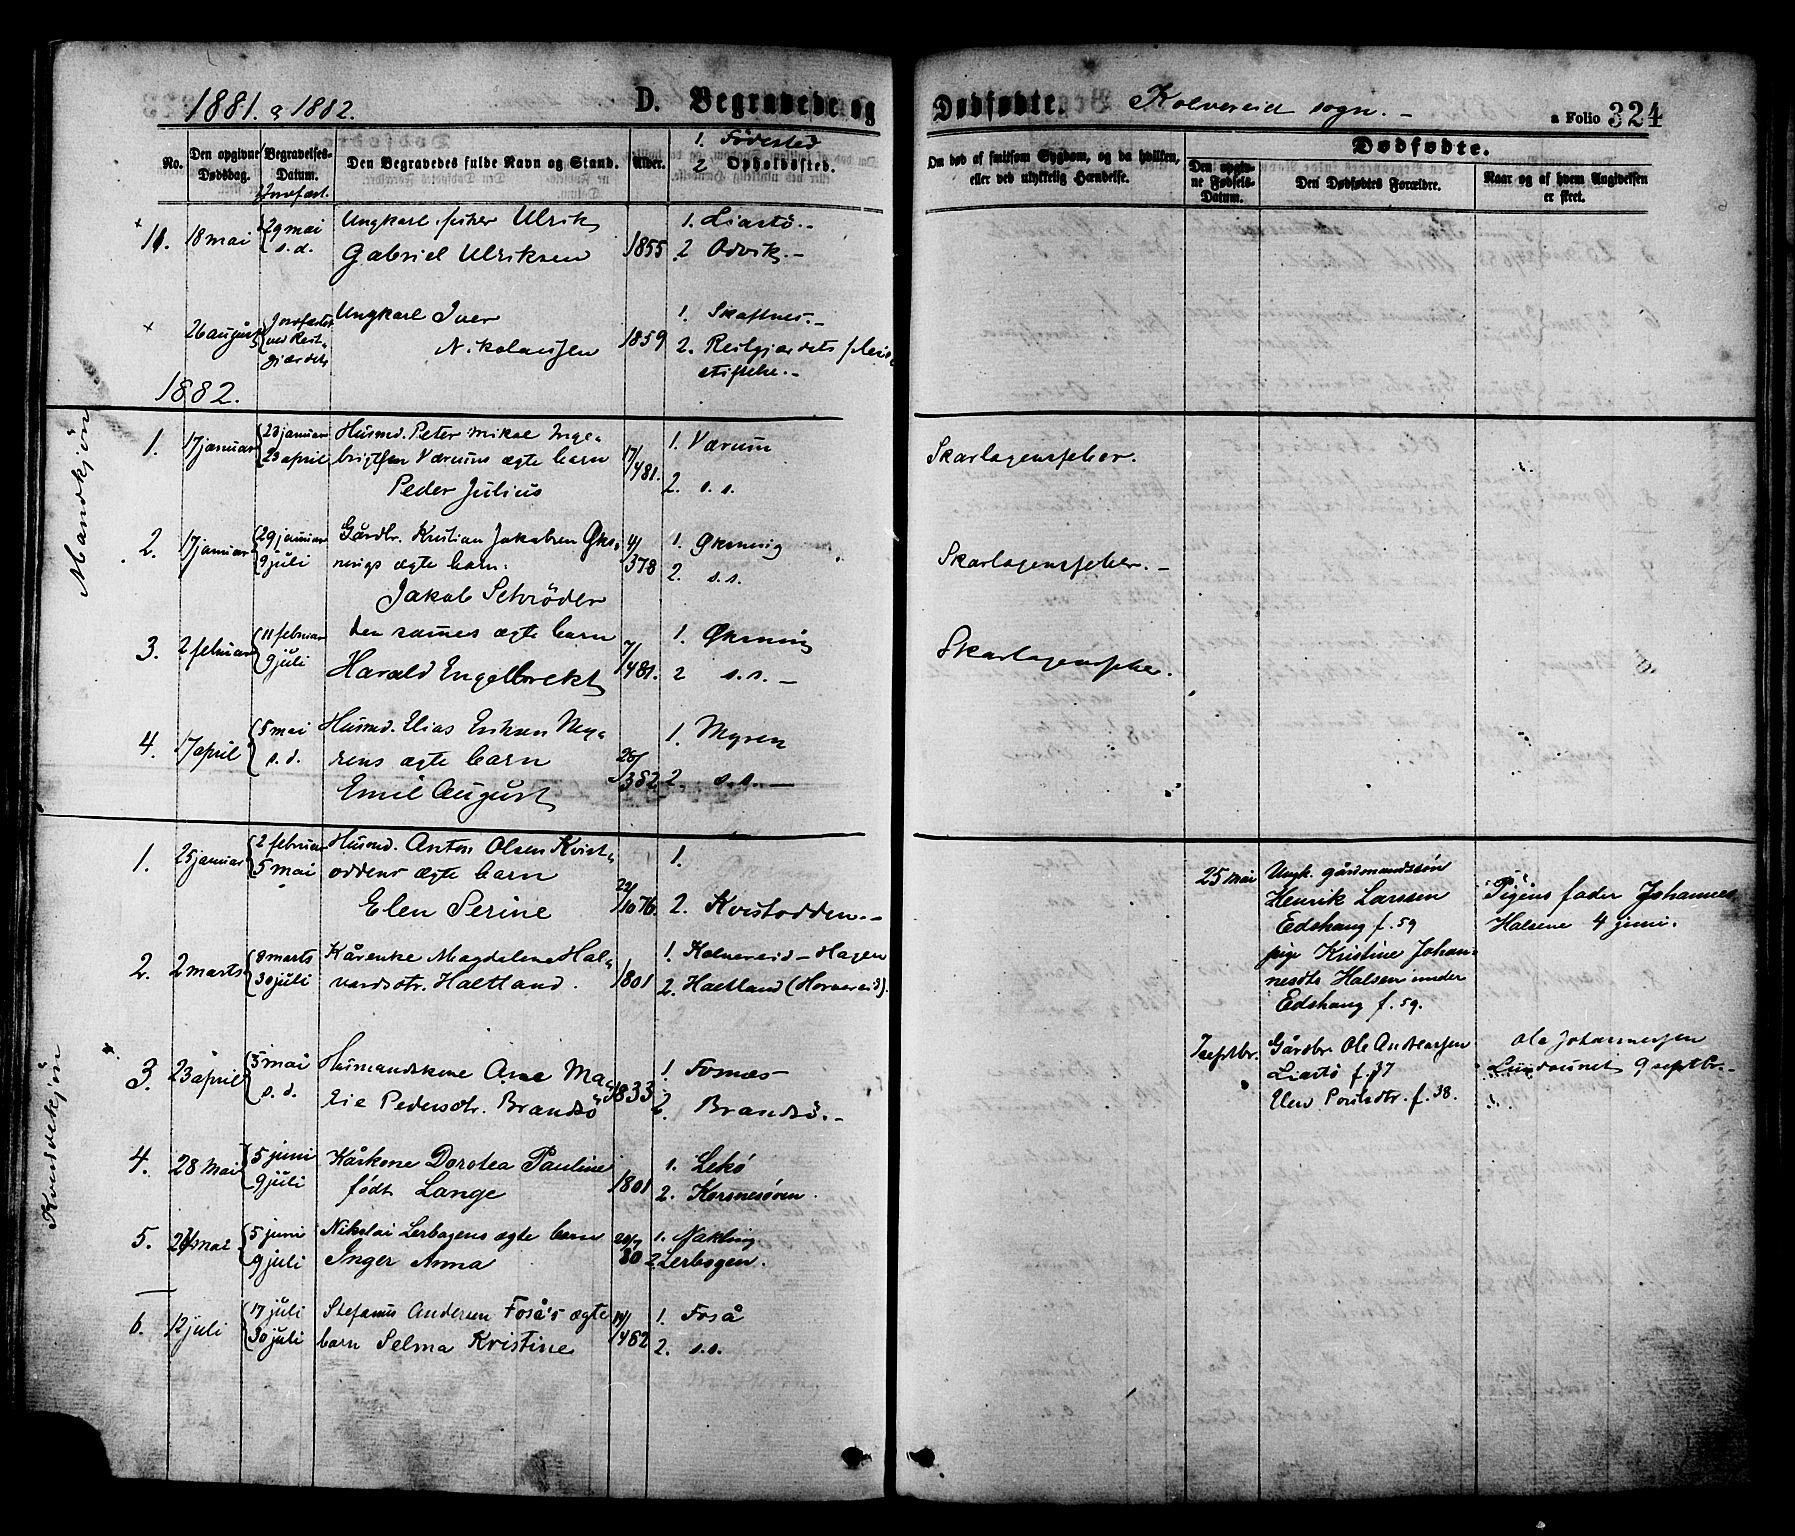 SAT, Ministerialprotokoller, klokkerbøker og fødselsregistre - Nord-Trøndelag, 780/L0642: Ministerialbok nr. 780A07 /1, 1874-1885, s. 324